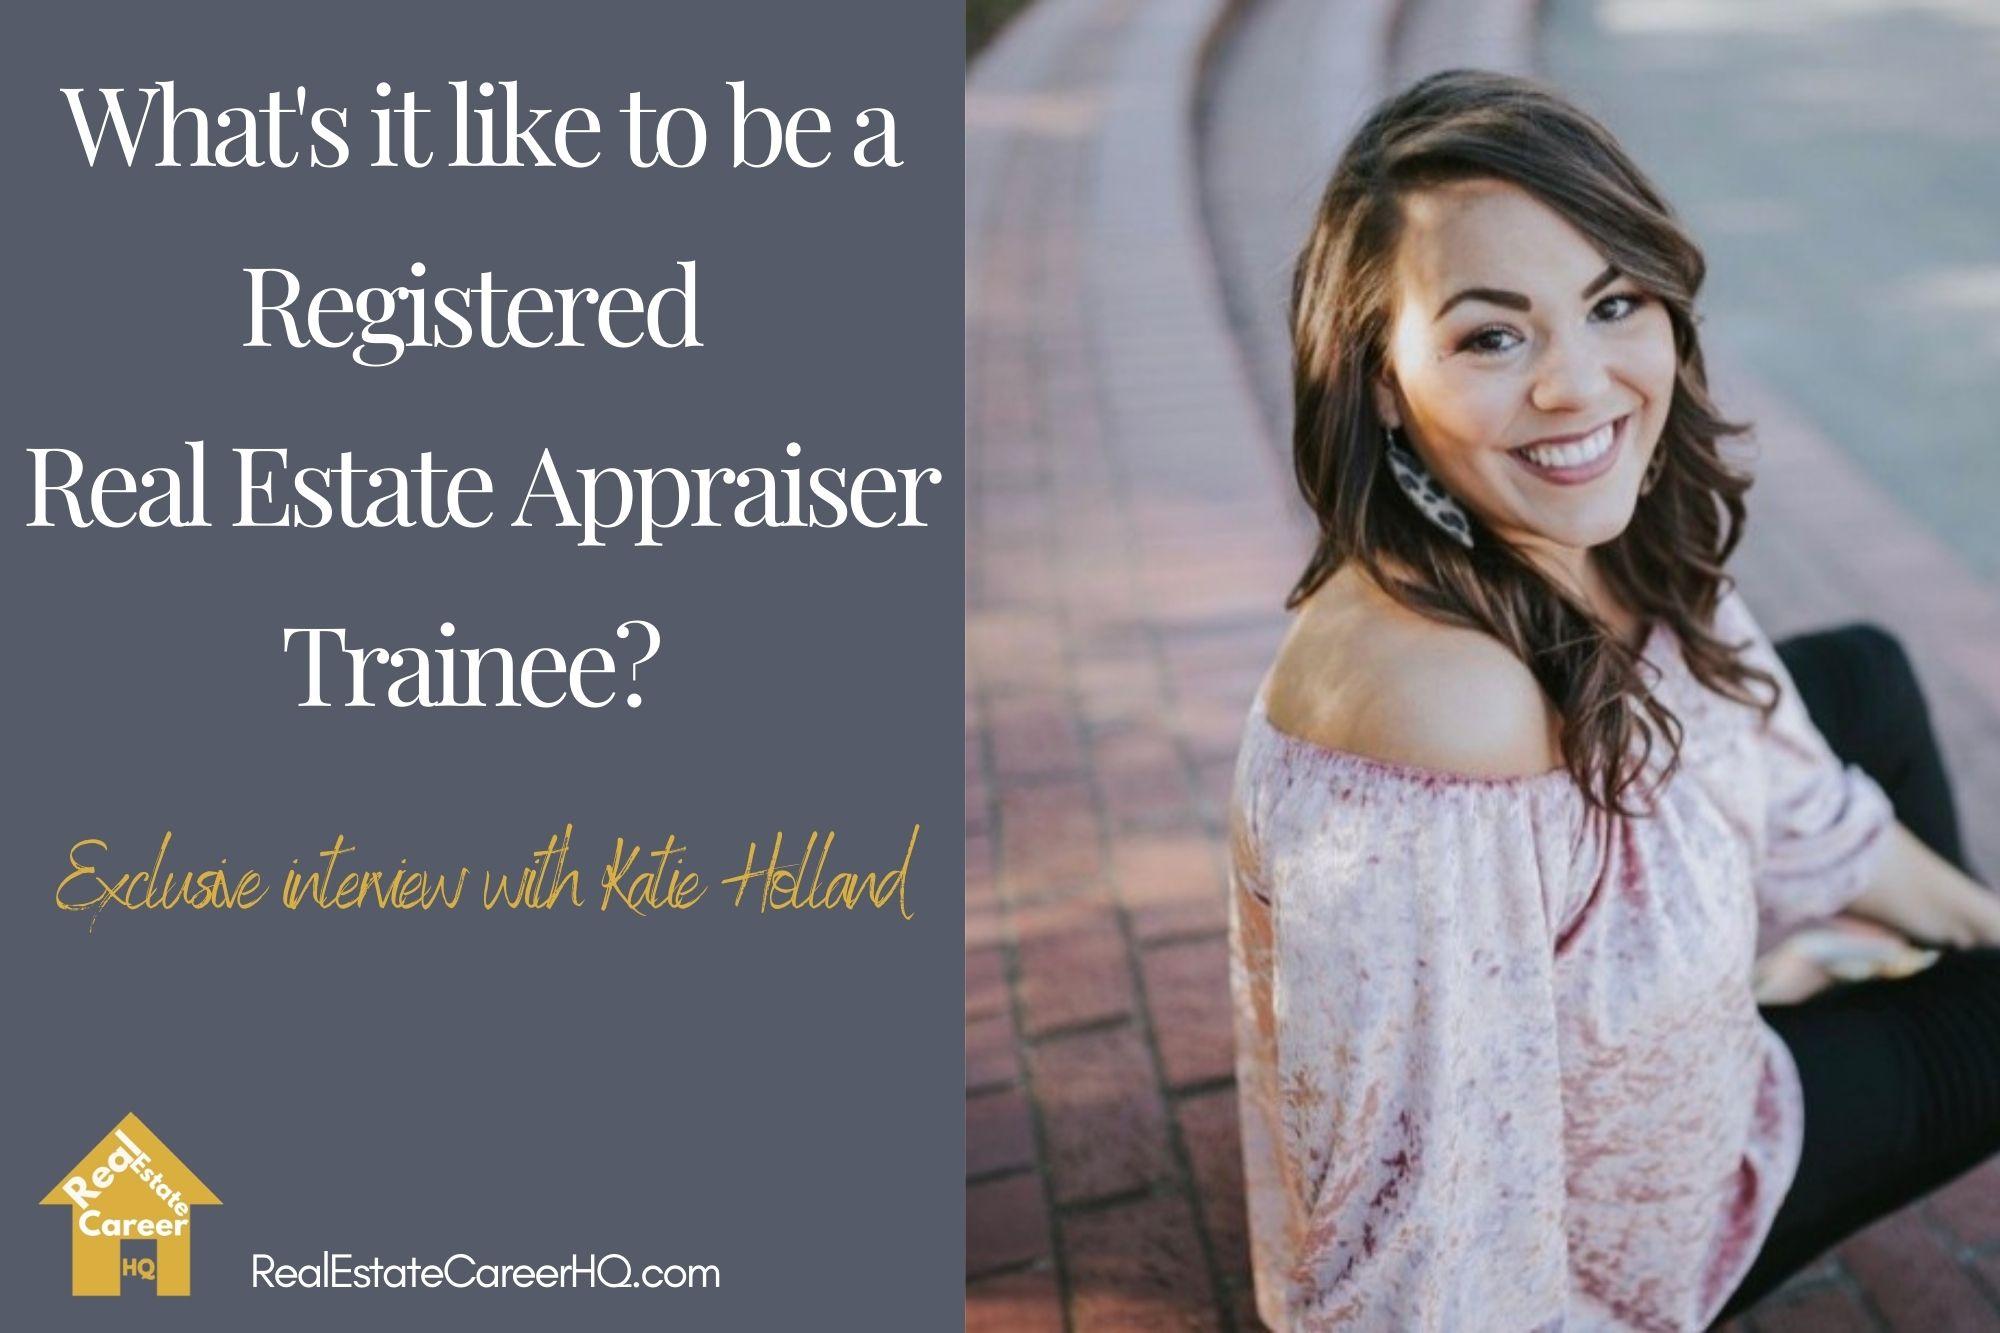 Katie Holland, Real Estate Appraiser Trainee